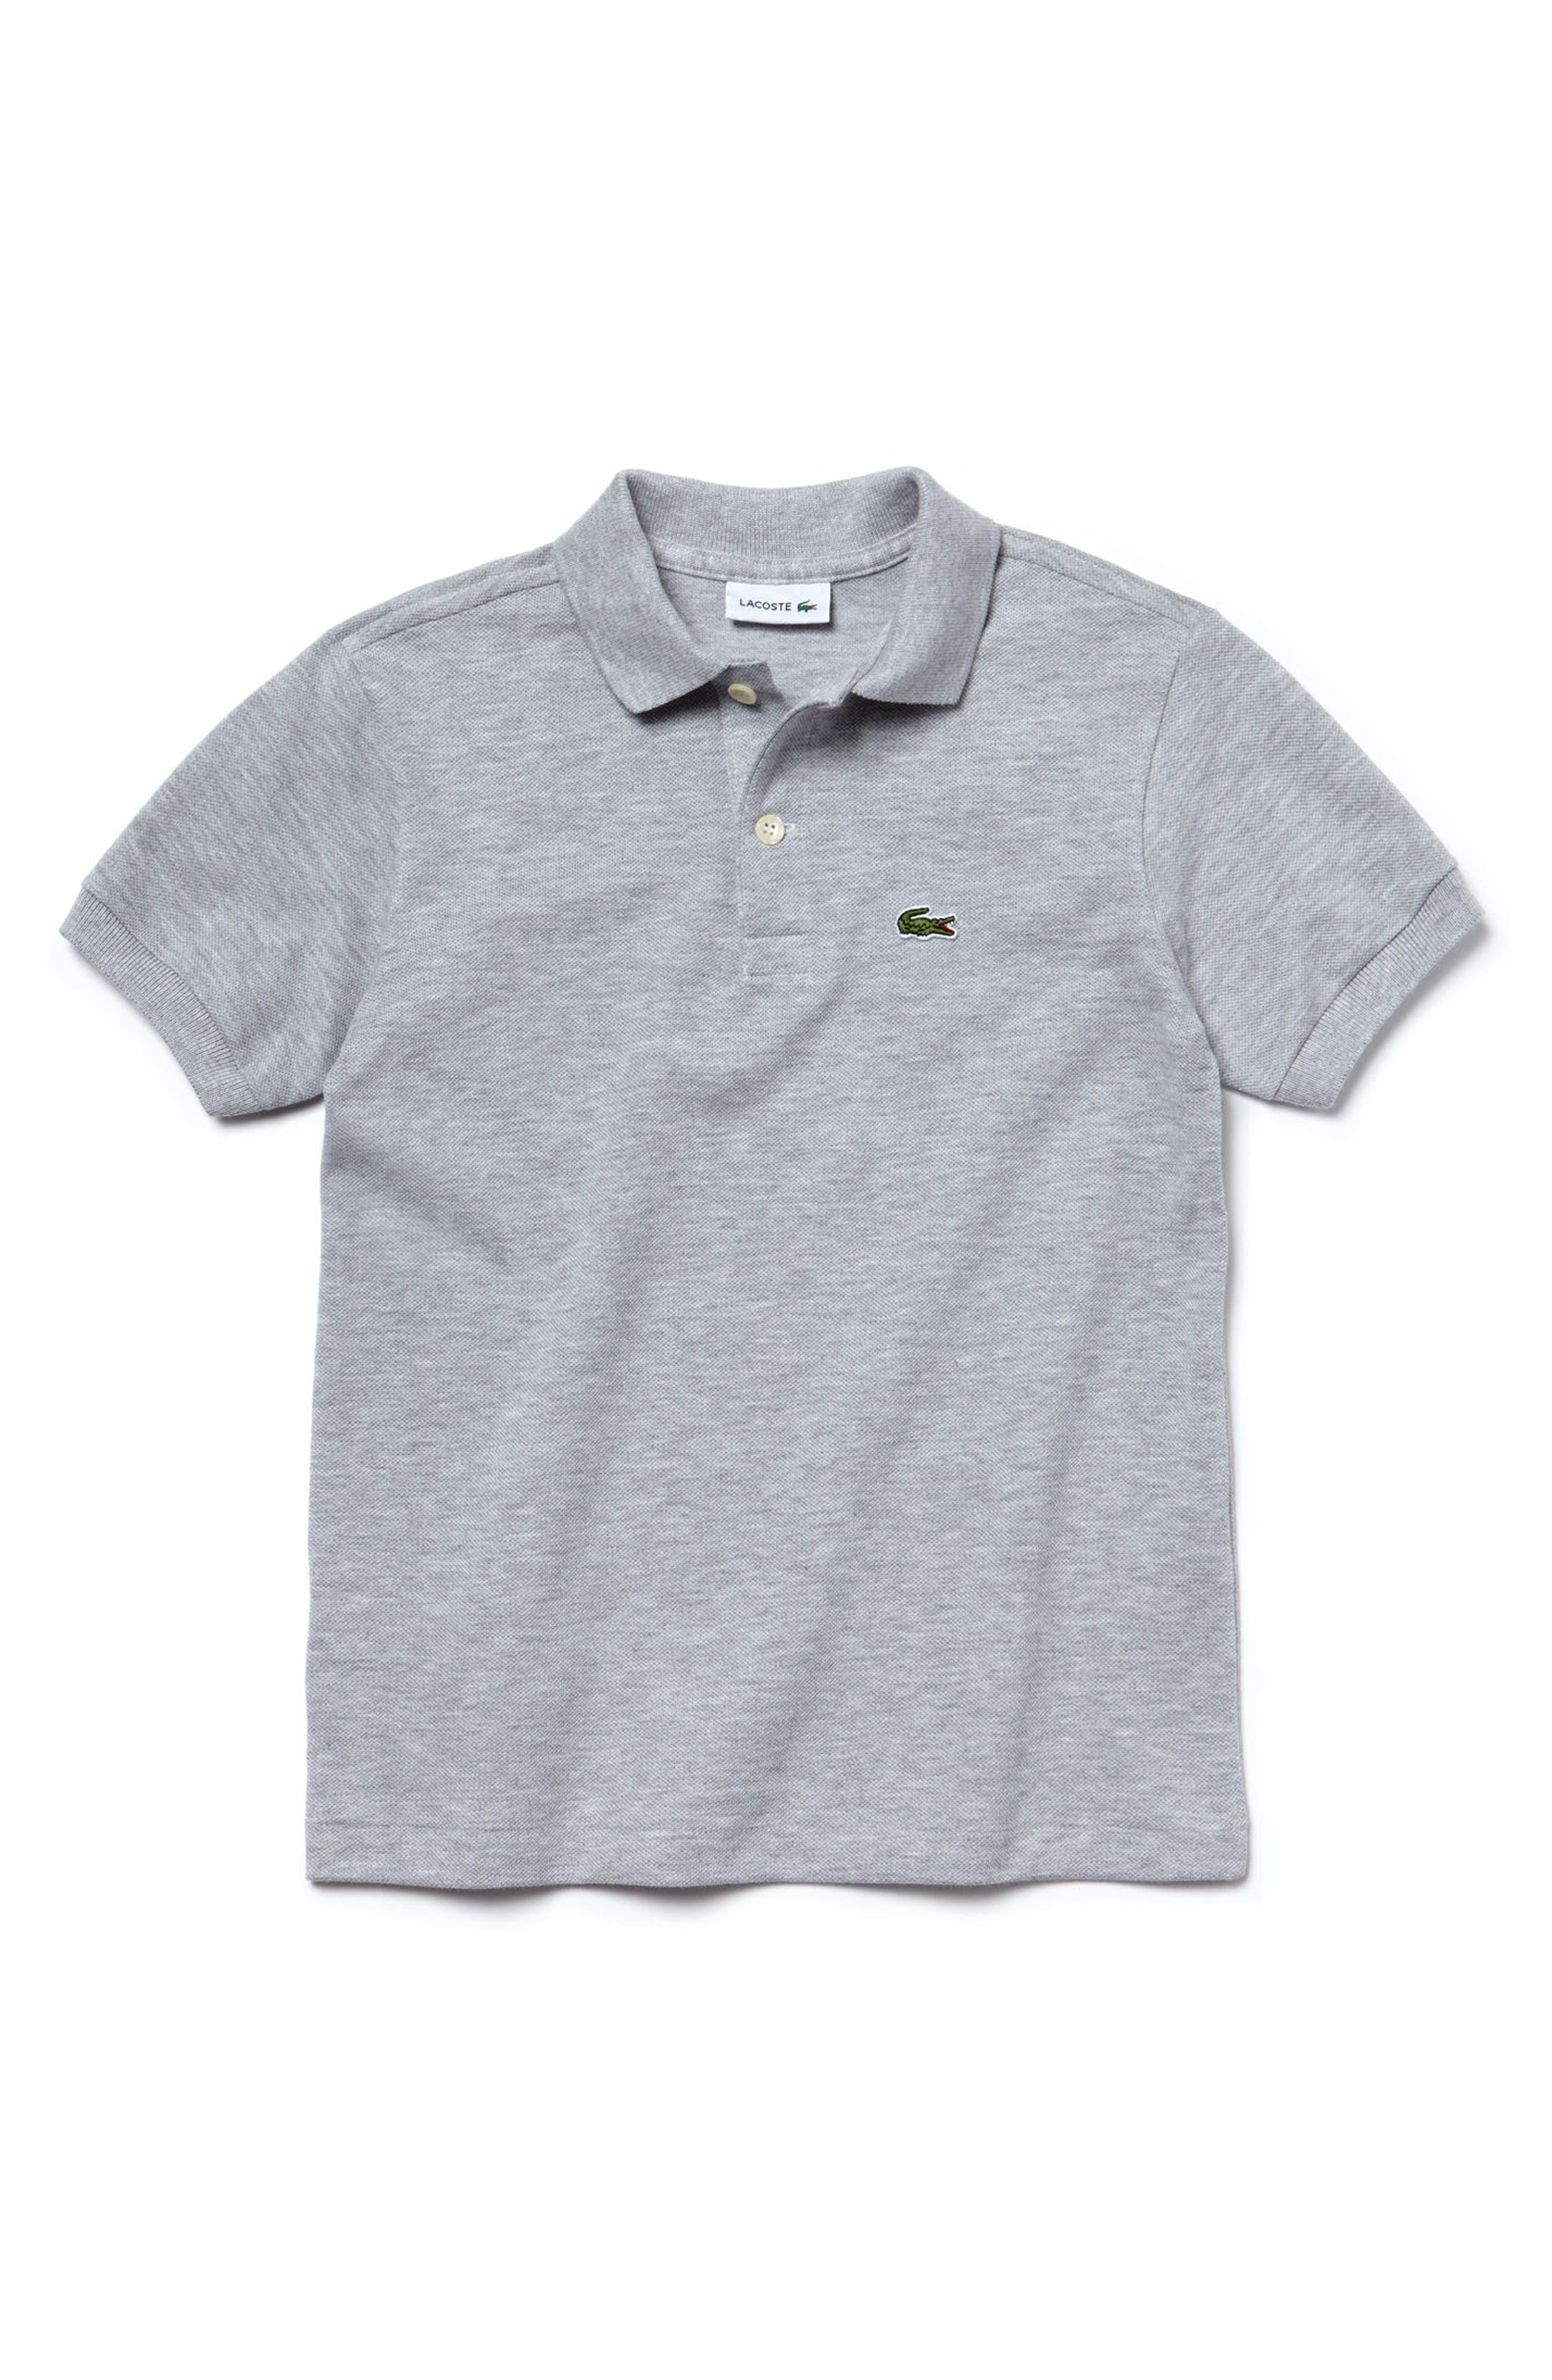 Piqué Cotton Polo,                         Main,                         color, SILVER GREY CHINE